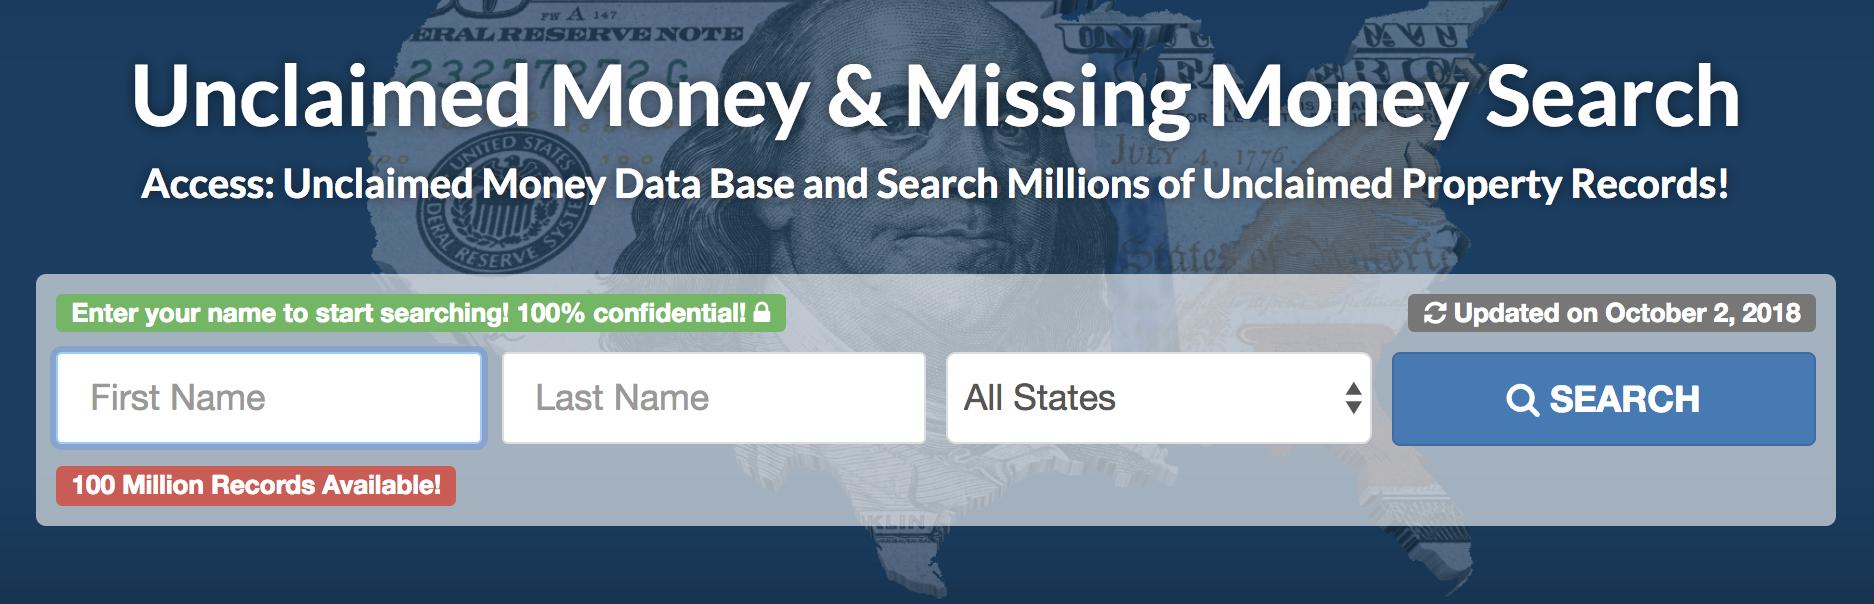 United States Unclaimed Money